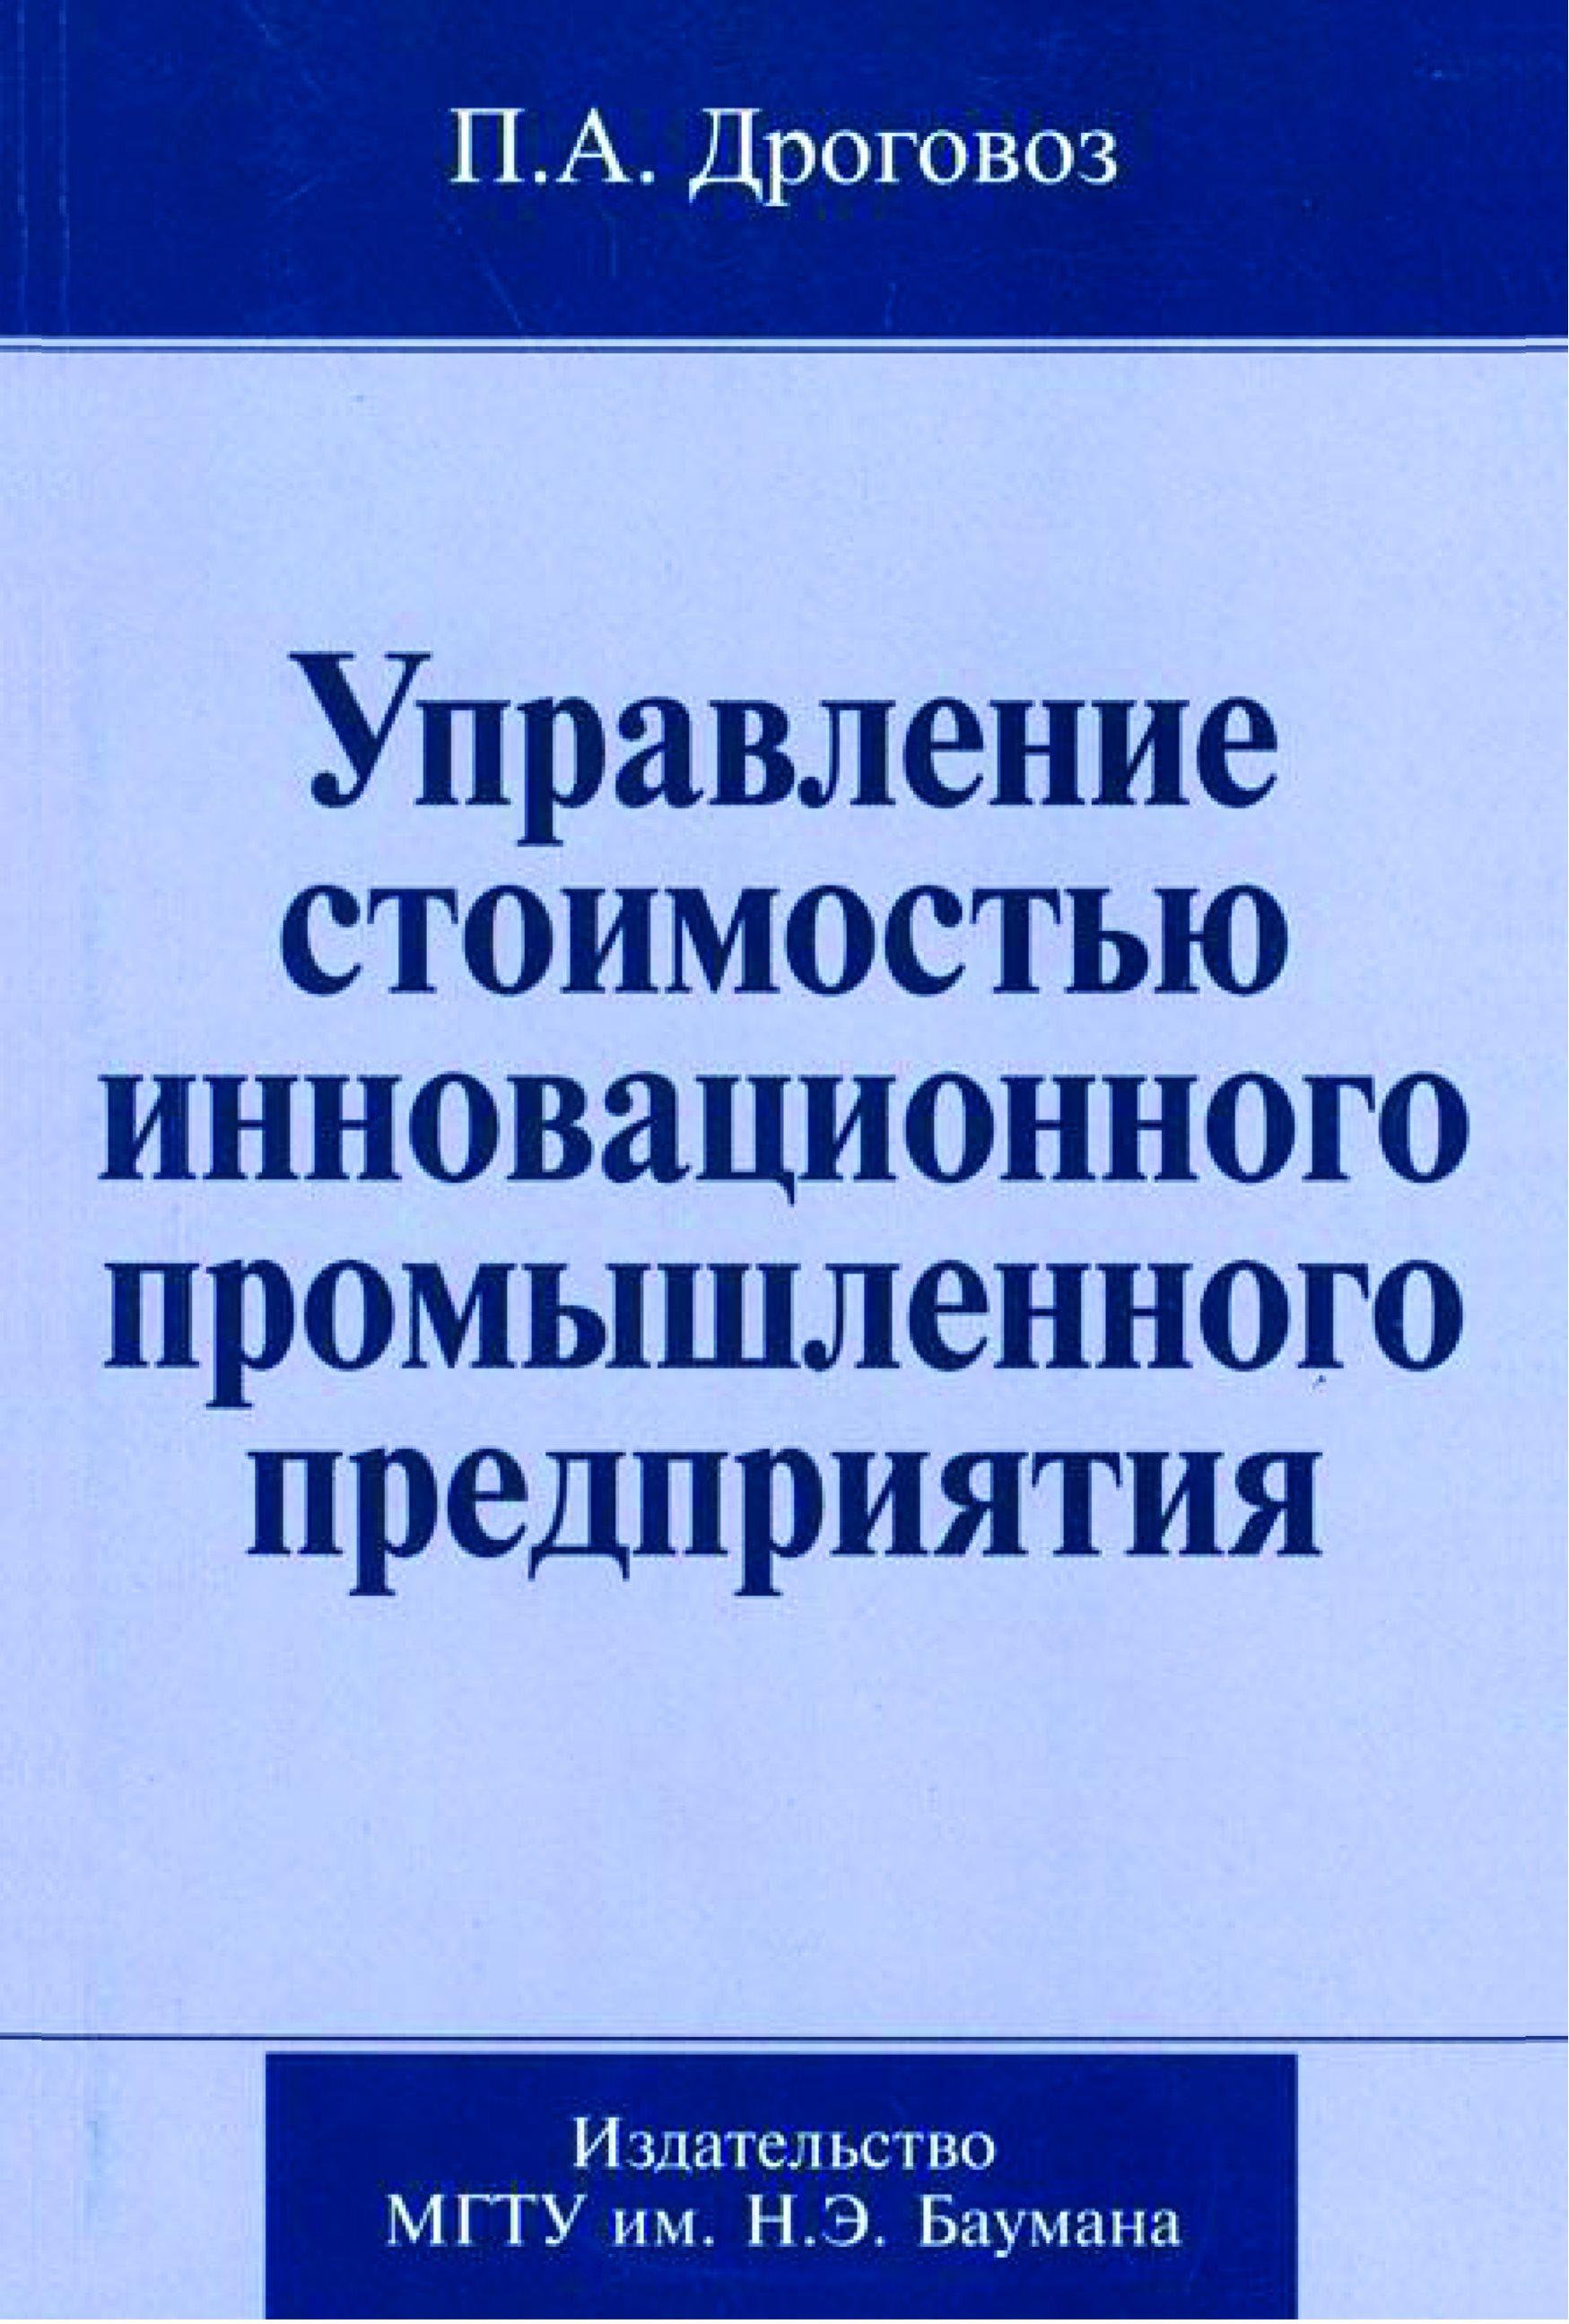 Павел Дроговоз Управление стоимостью инновационного промышленного предприятия